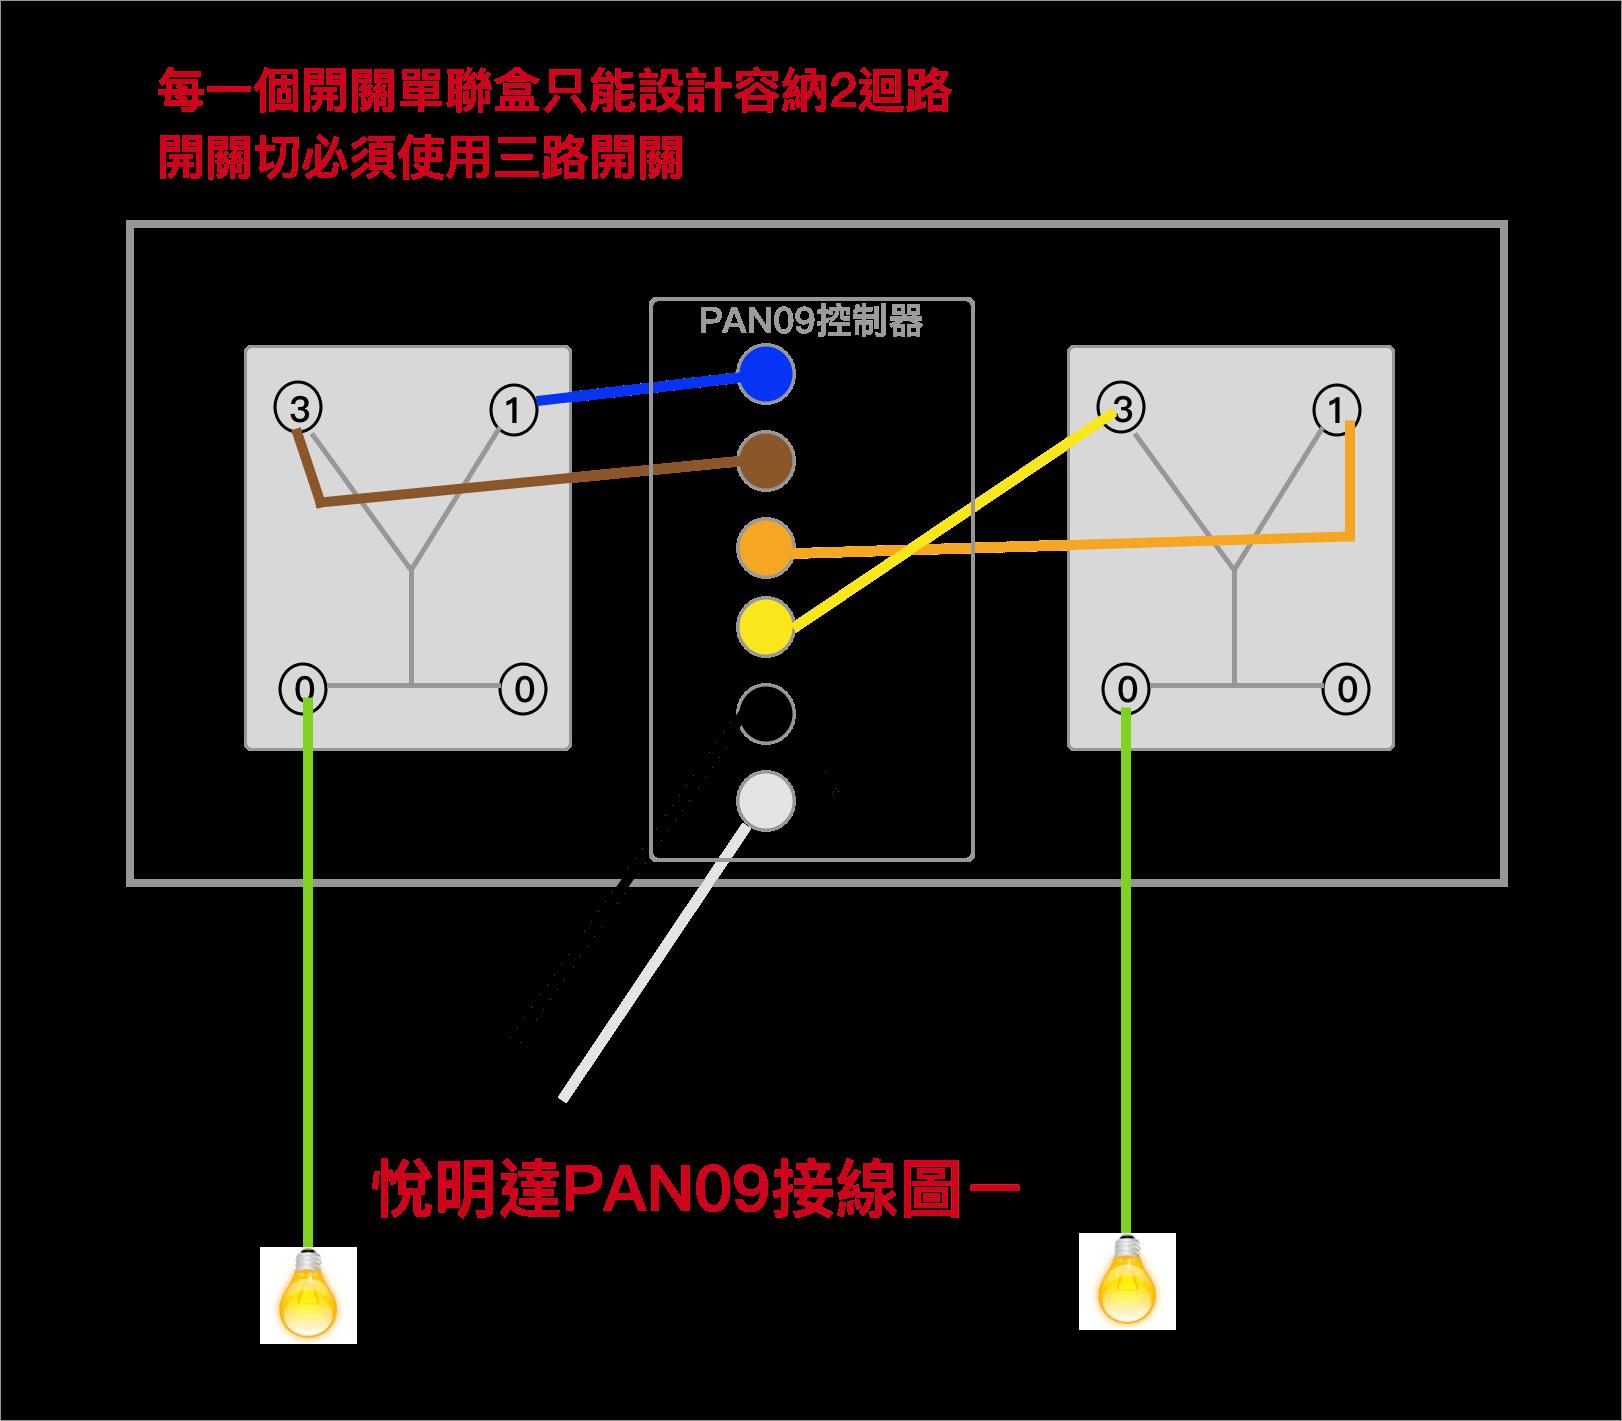 Z-Wave PAN09